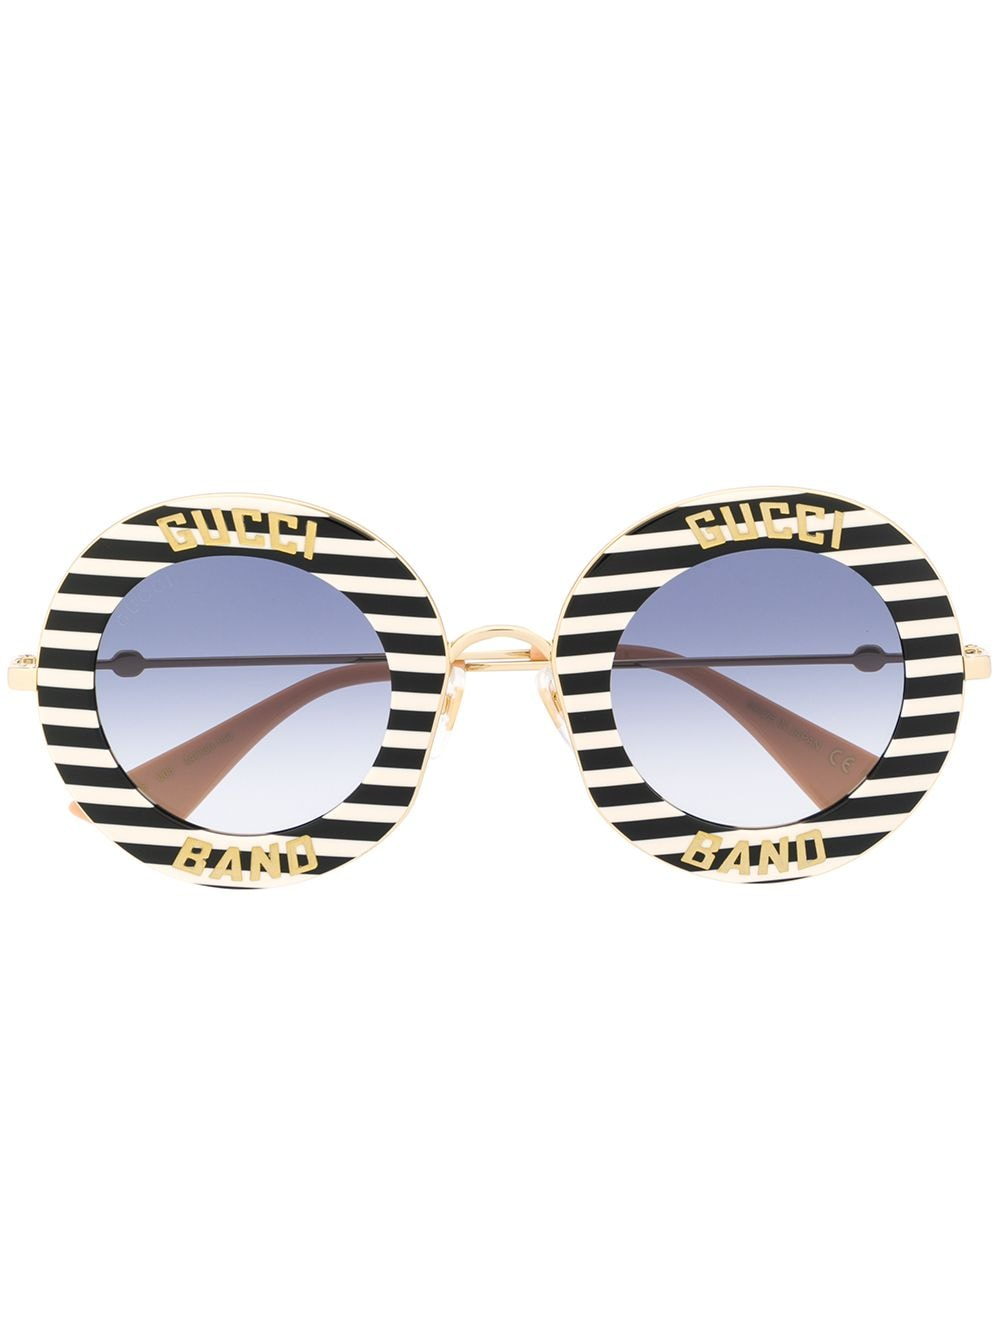 Gucci Eyewear Sonnenbrille mit runden Gläsern - Weiß